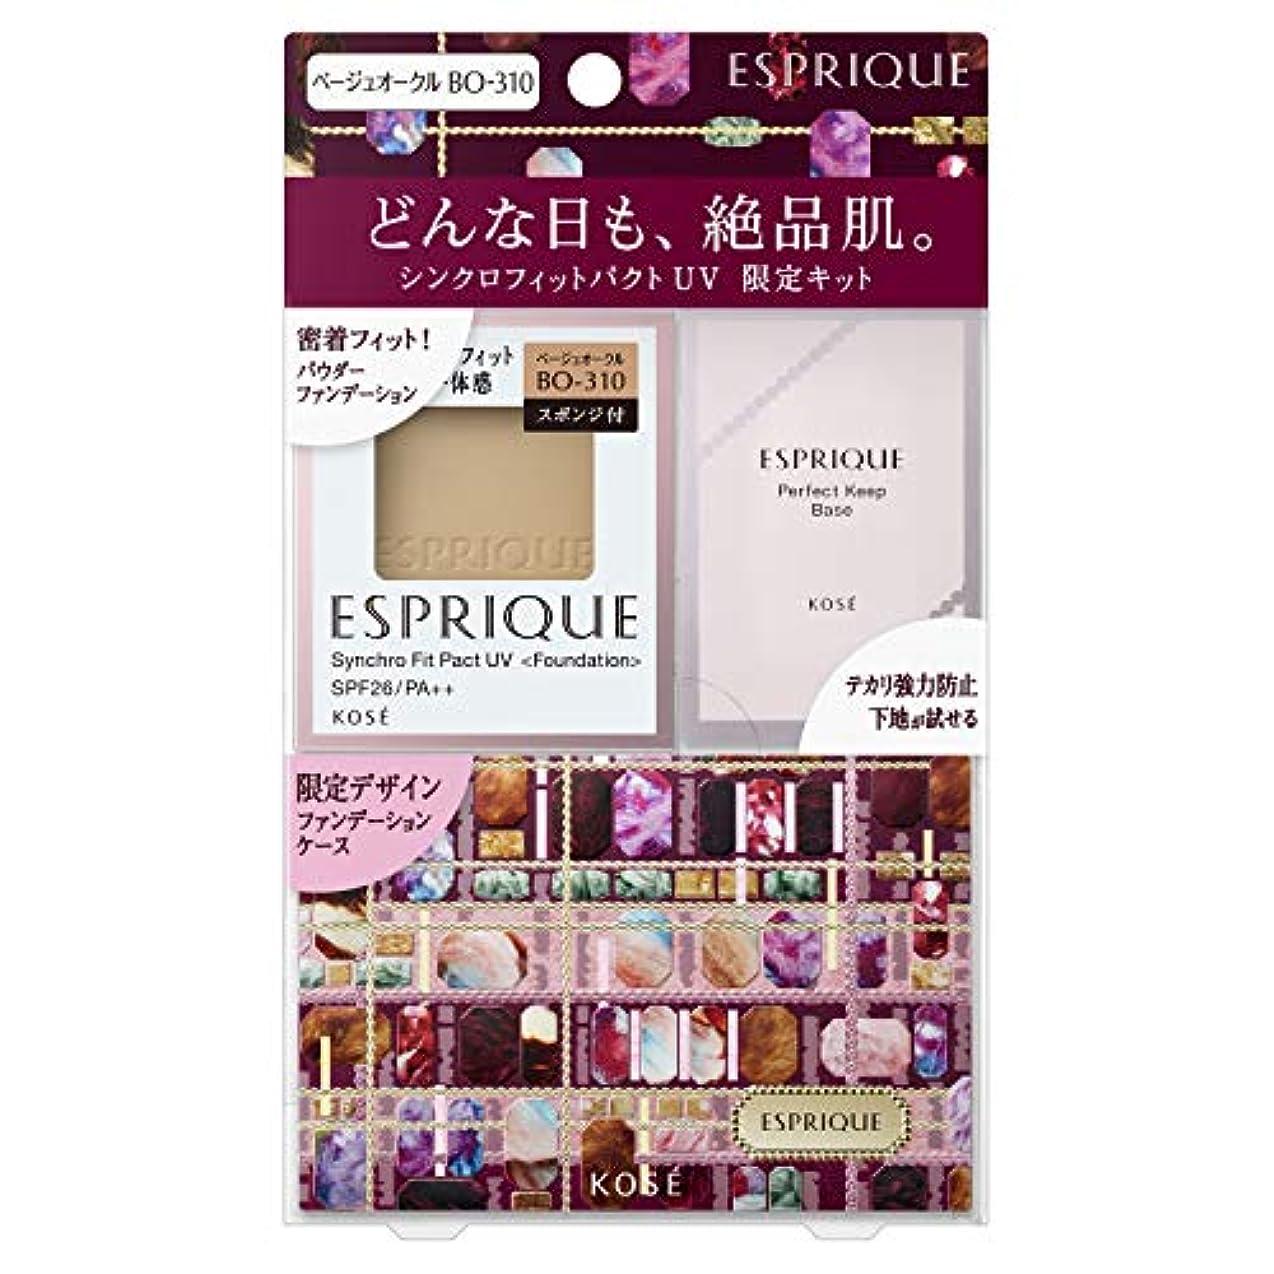 グラディス結紮小説家ESPRIQUE(エスプリーク) エスプリーク シンクロフィット パクト UV 限定キット 2 ファンデーション BO-310 ベージュオークル セット 9.3g+0.6g+ケース付き